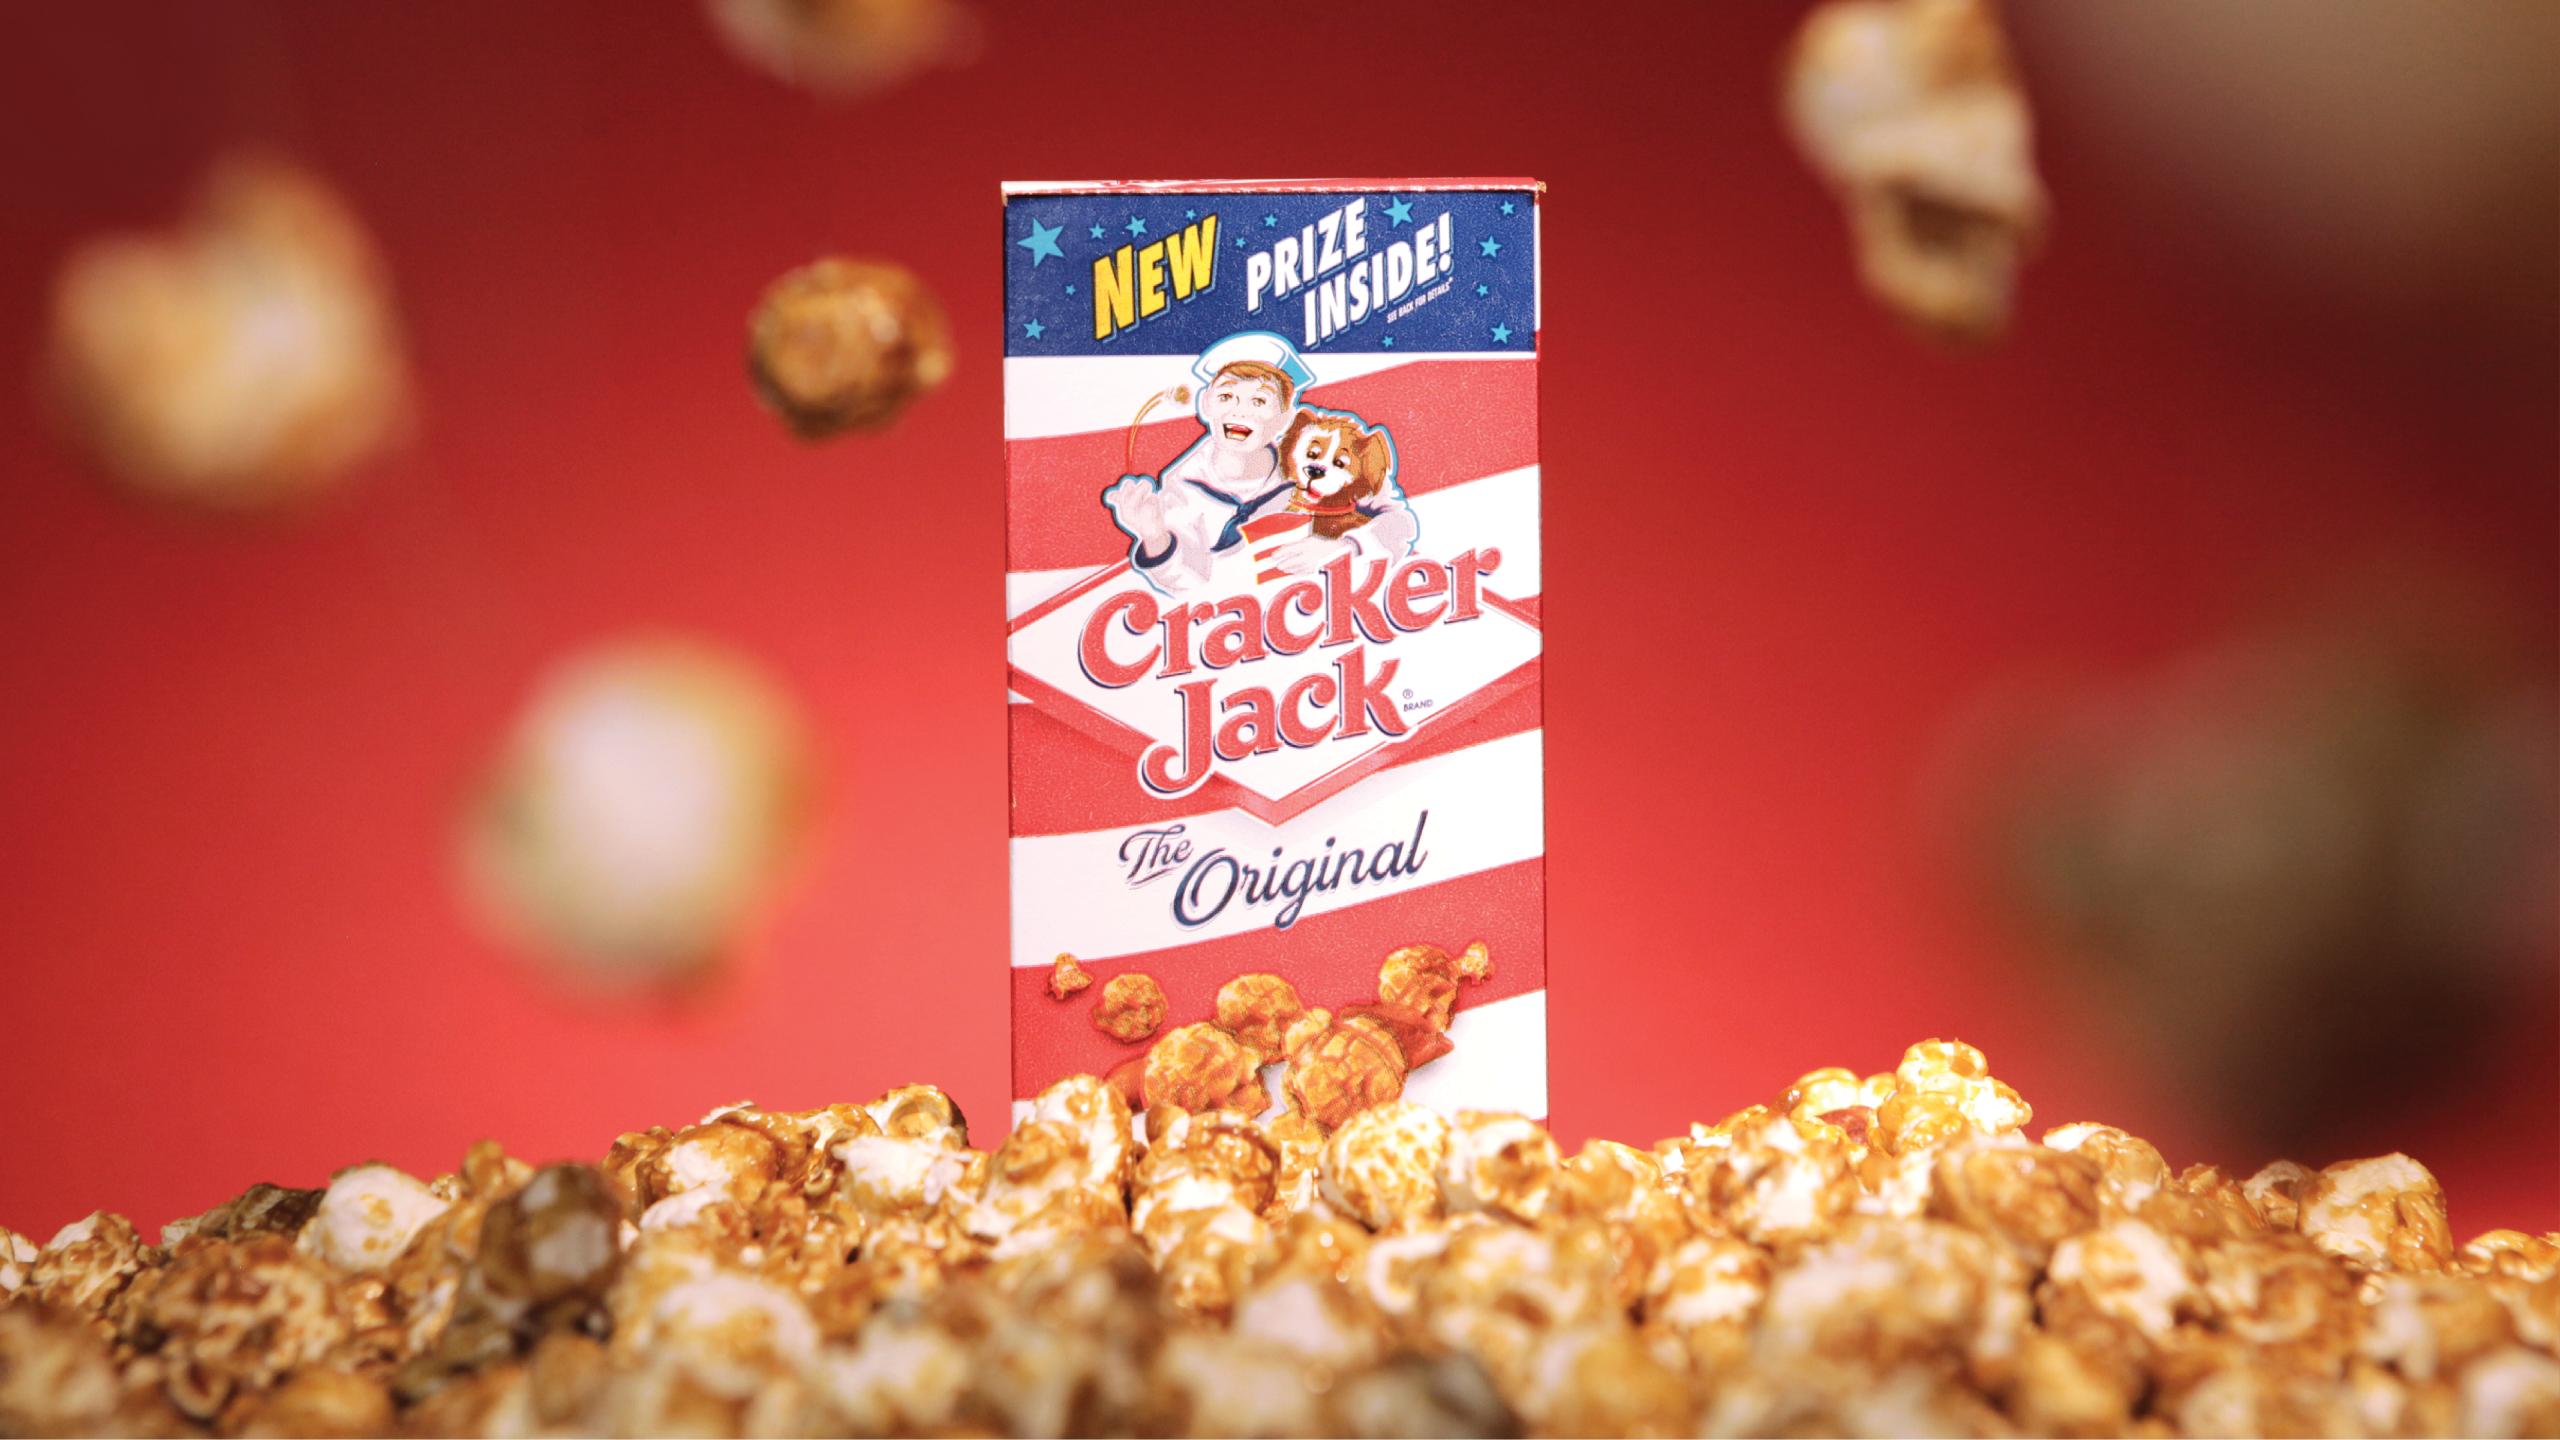 Cracker jack prizes 2018 world